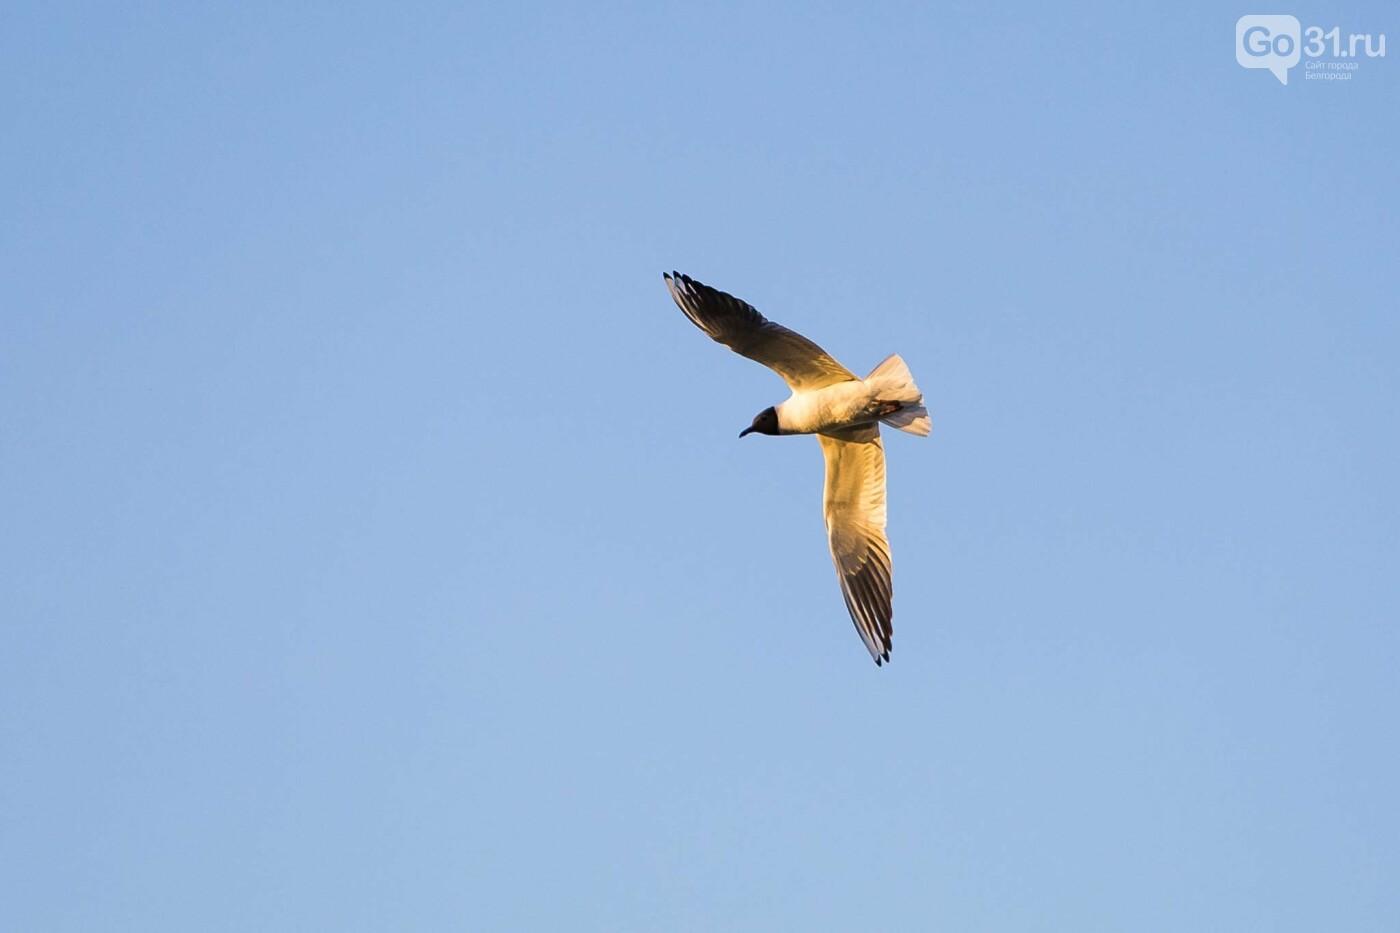 Пролетая над озером. В Белгороде чайки выбрали удобное место обитания, фото-31, Фото: Антон Вергун